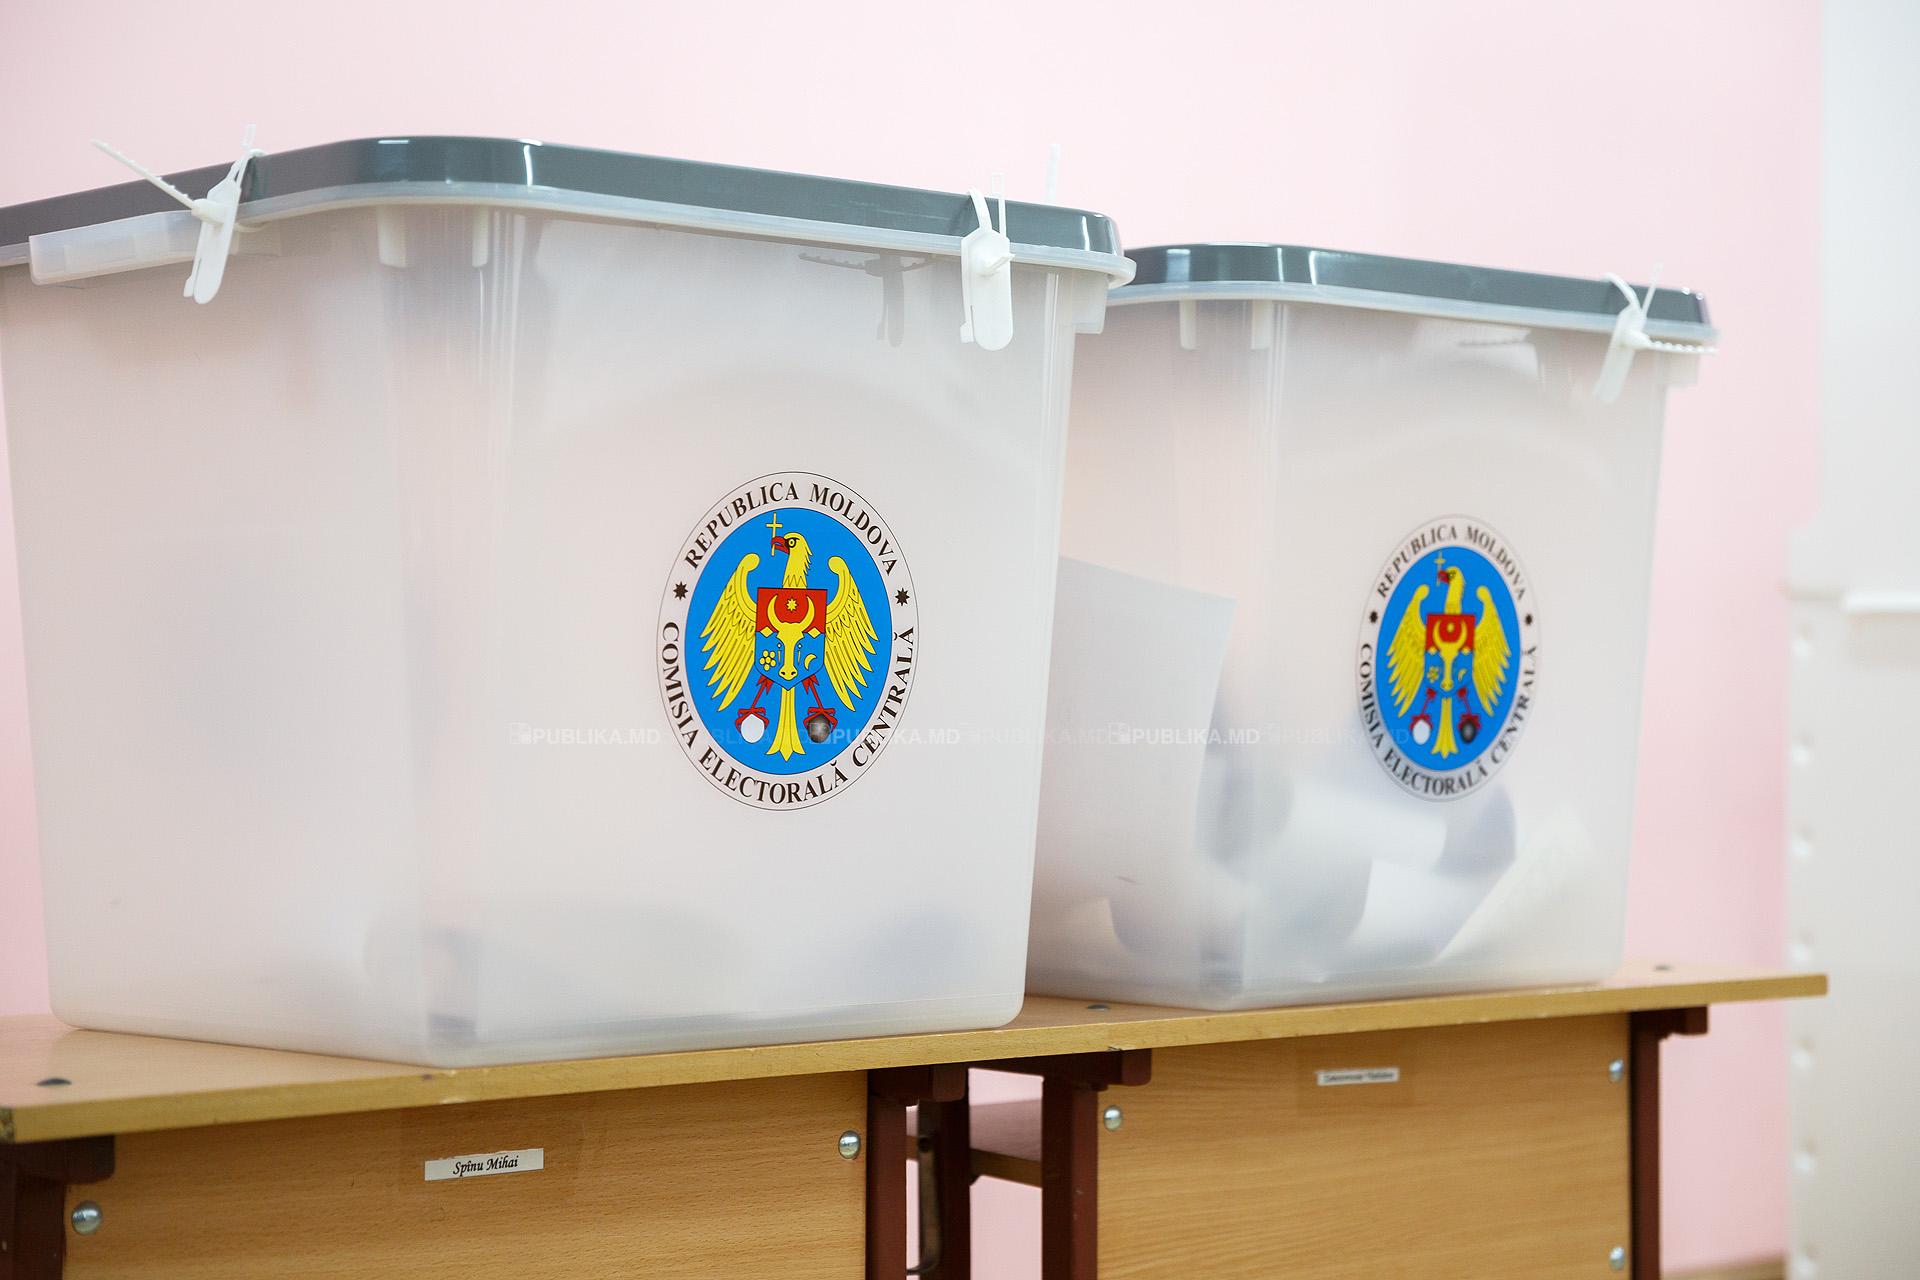 Agitația electorală ar putea fi permisă și în ziua alegerilor. Guvernul a avizat inițiativa legislativă